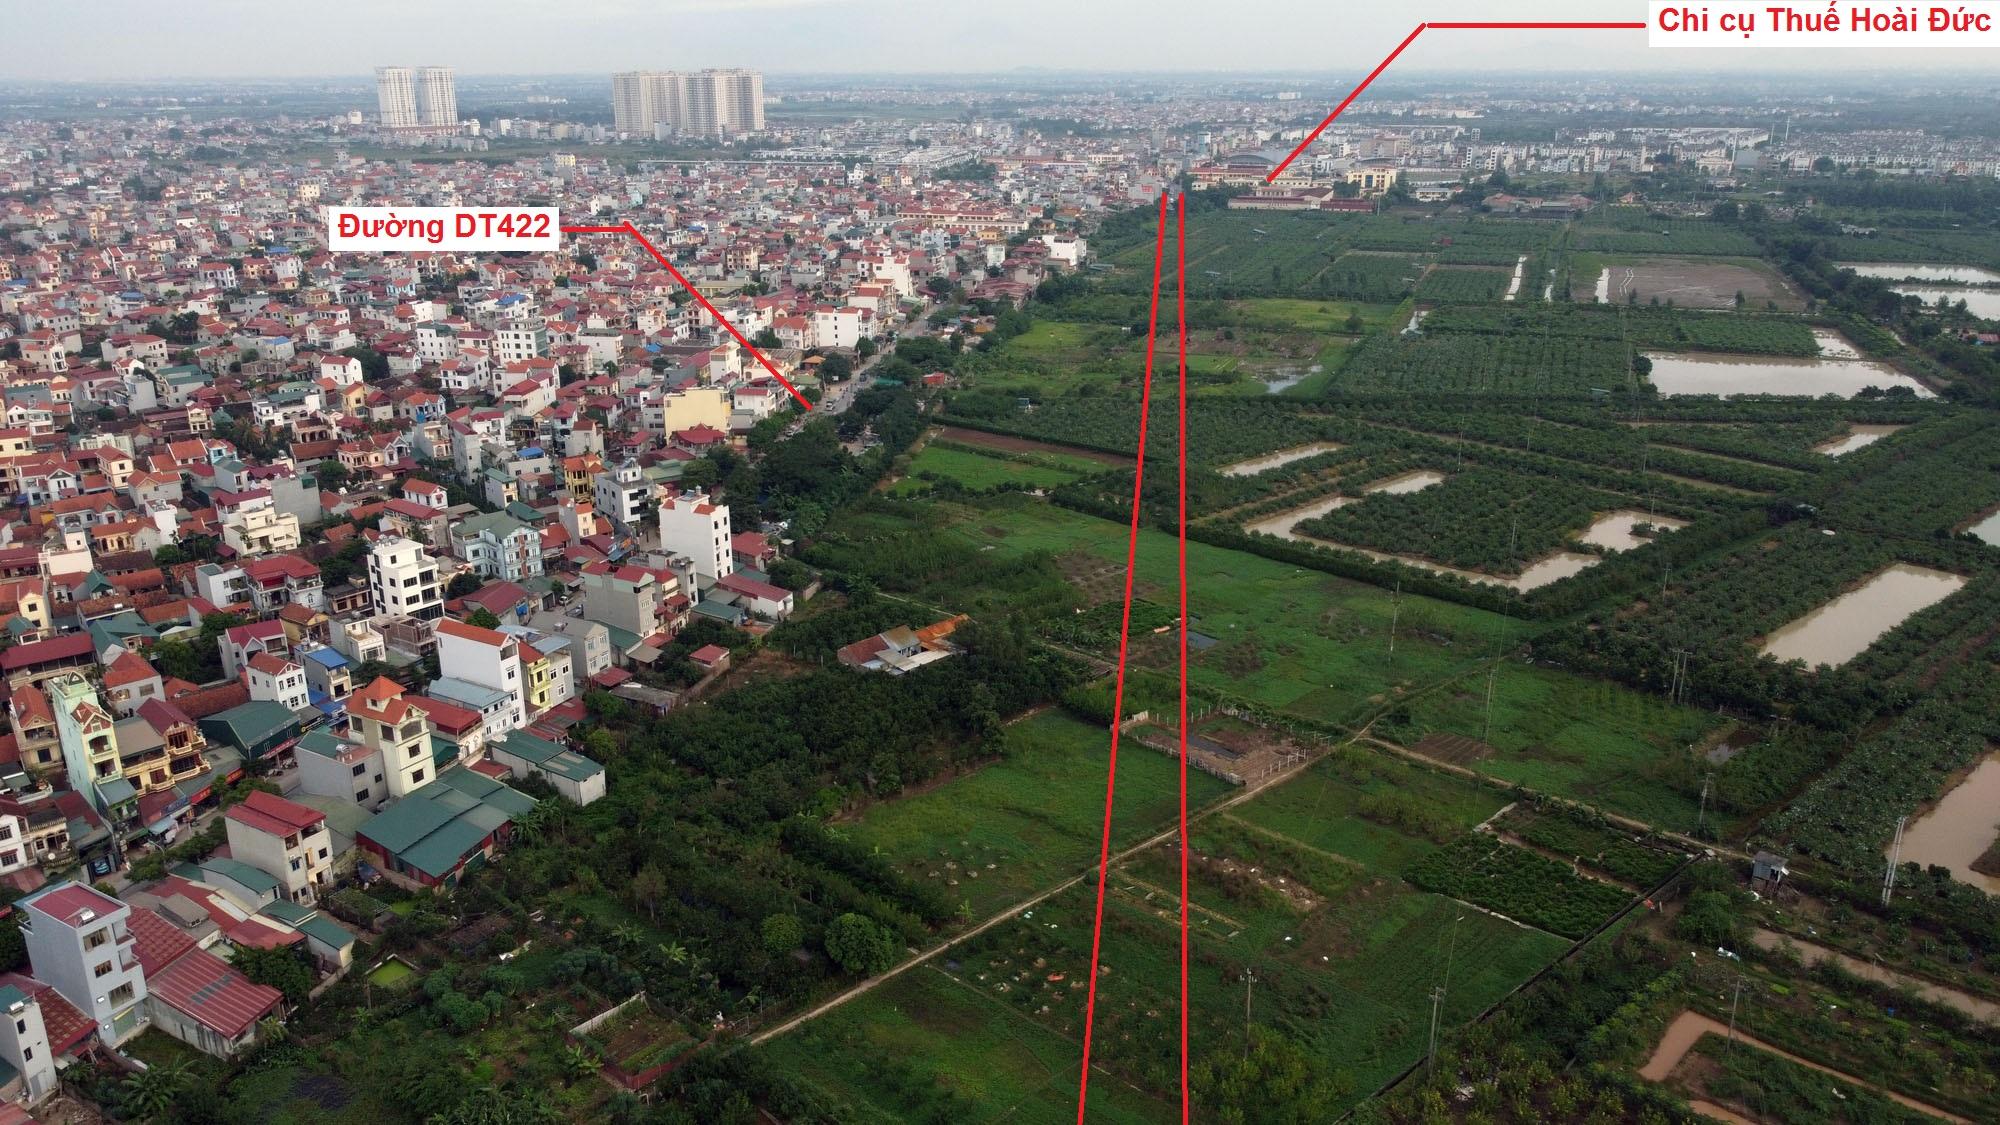 Ba đường sẽ mở theo quy hoạch ở xã Đức Giang, Hoài Đức, Hà Nội - Ảnh 7.